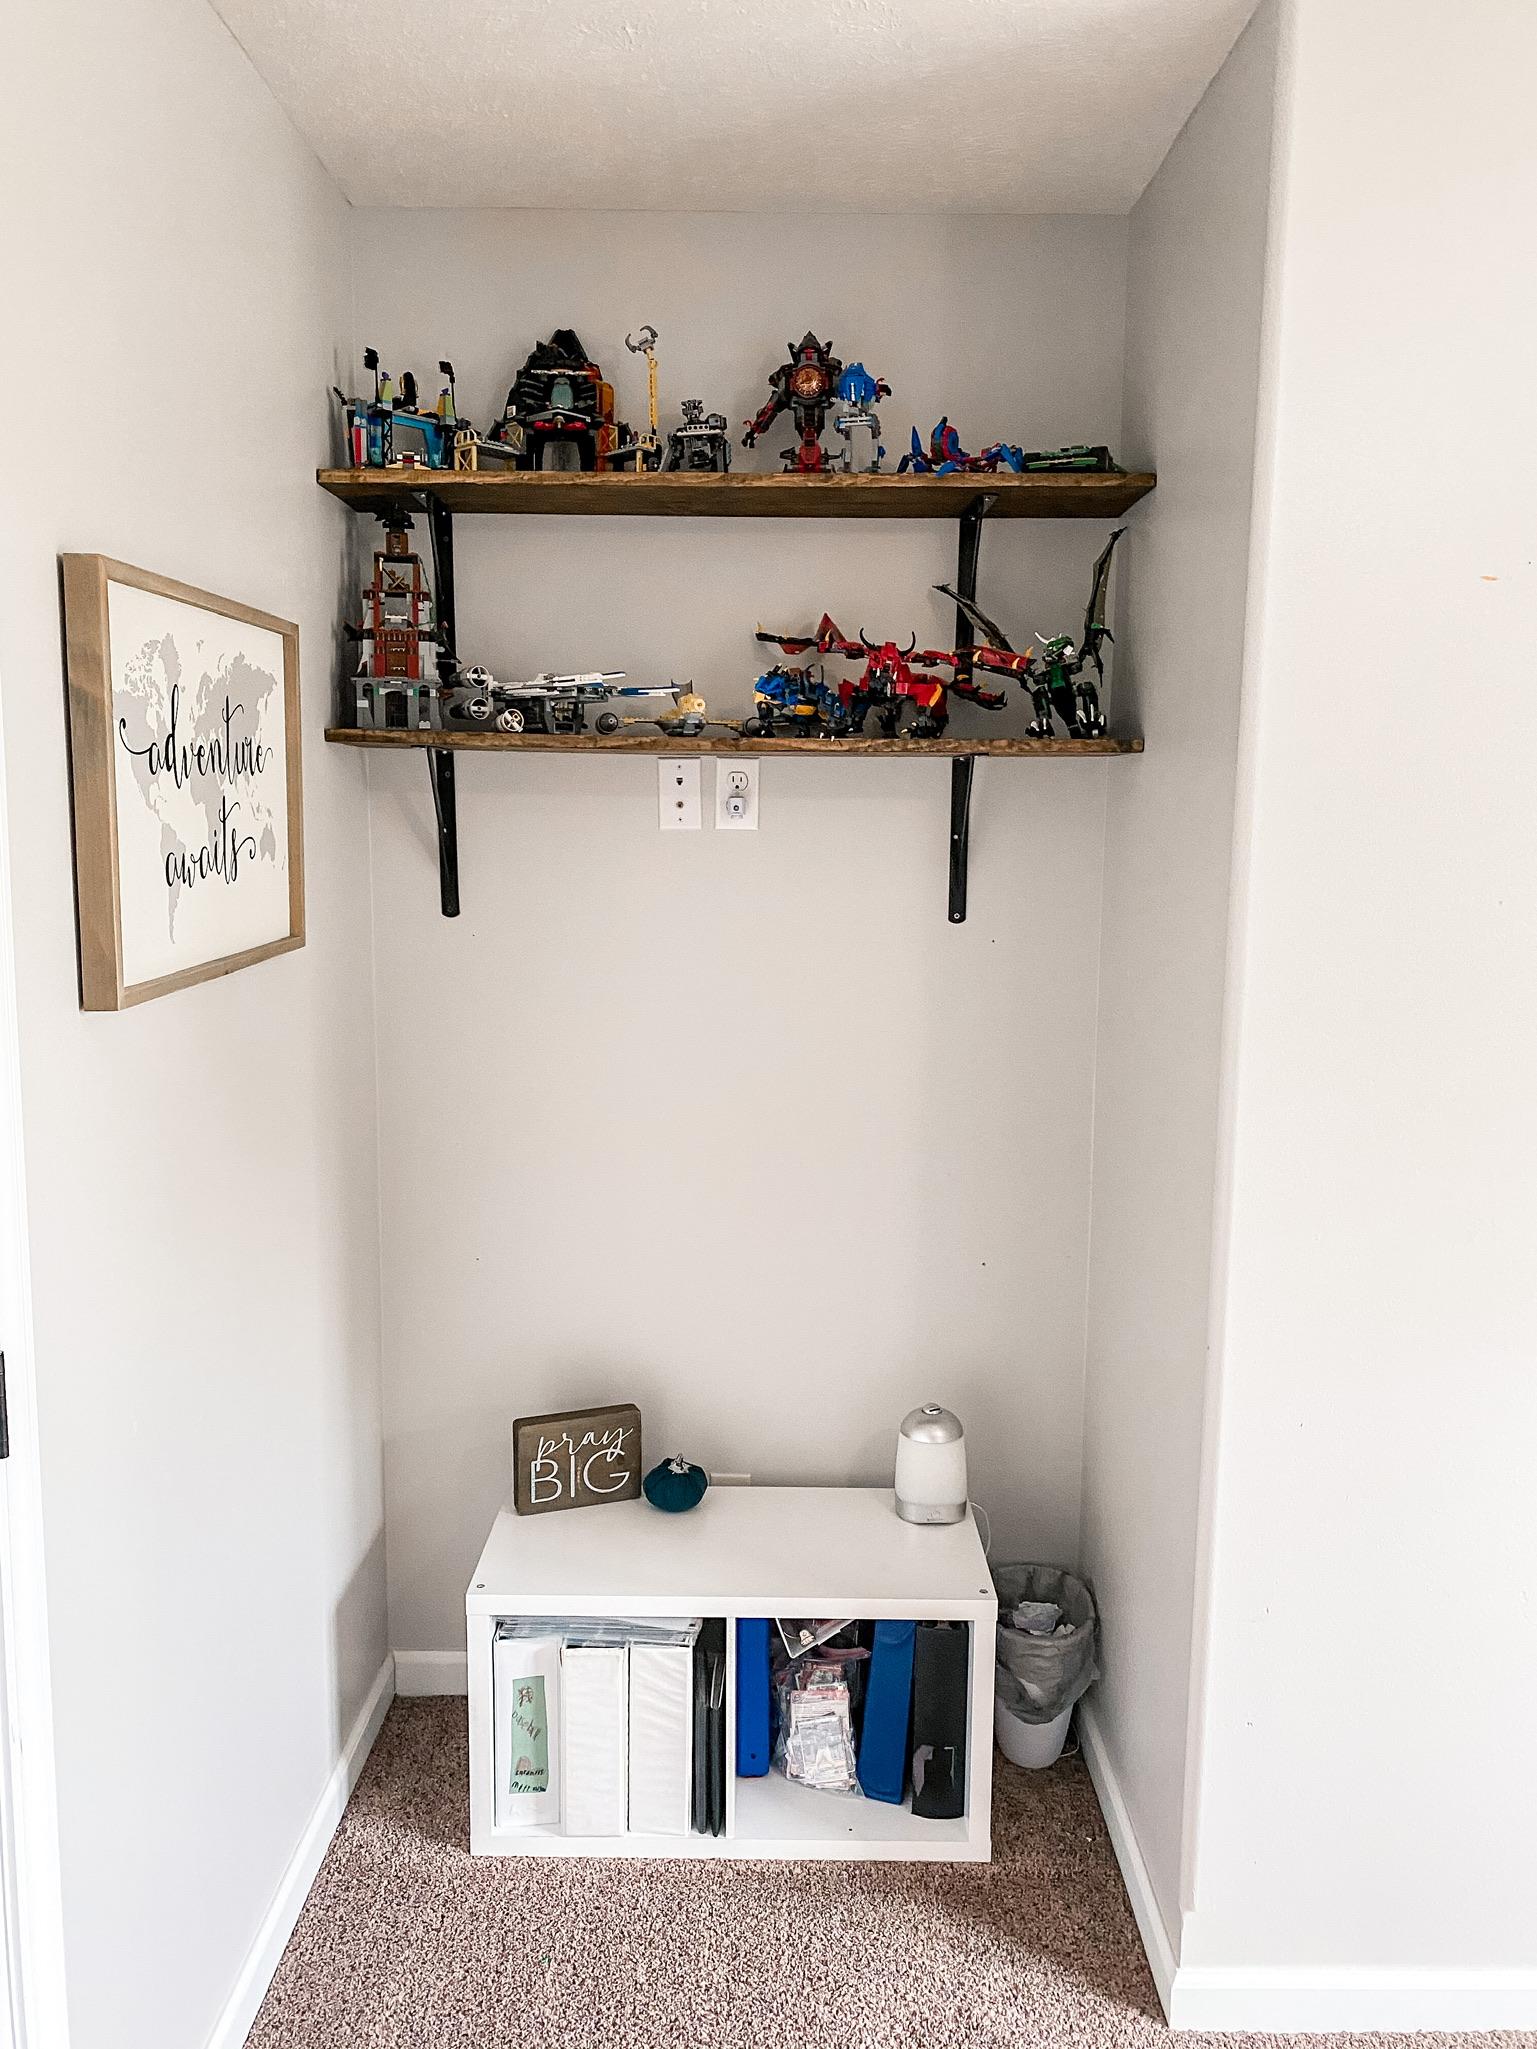 shared boys bedroom lego display